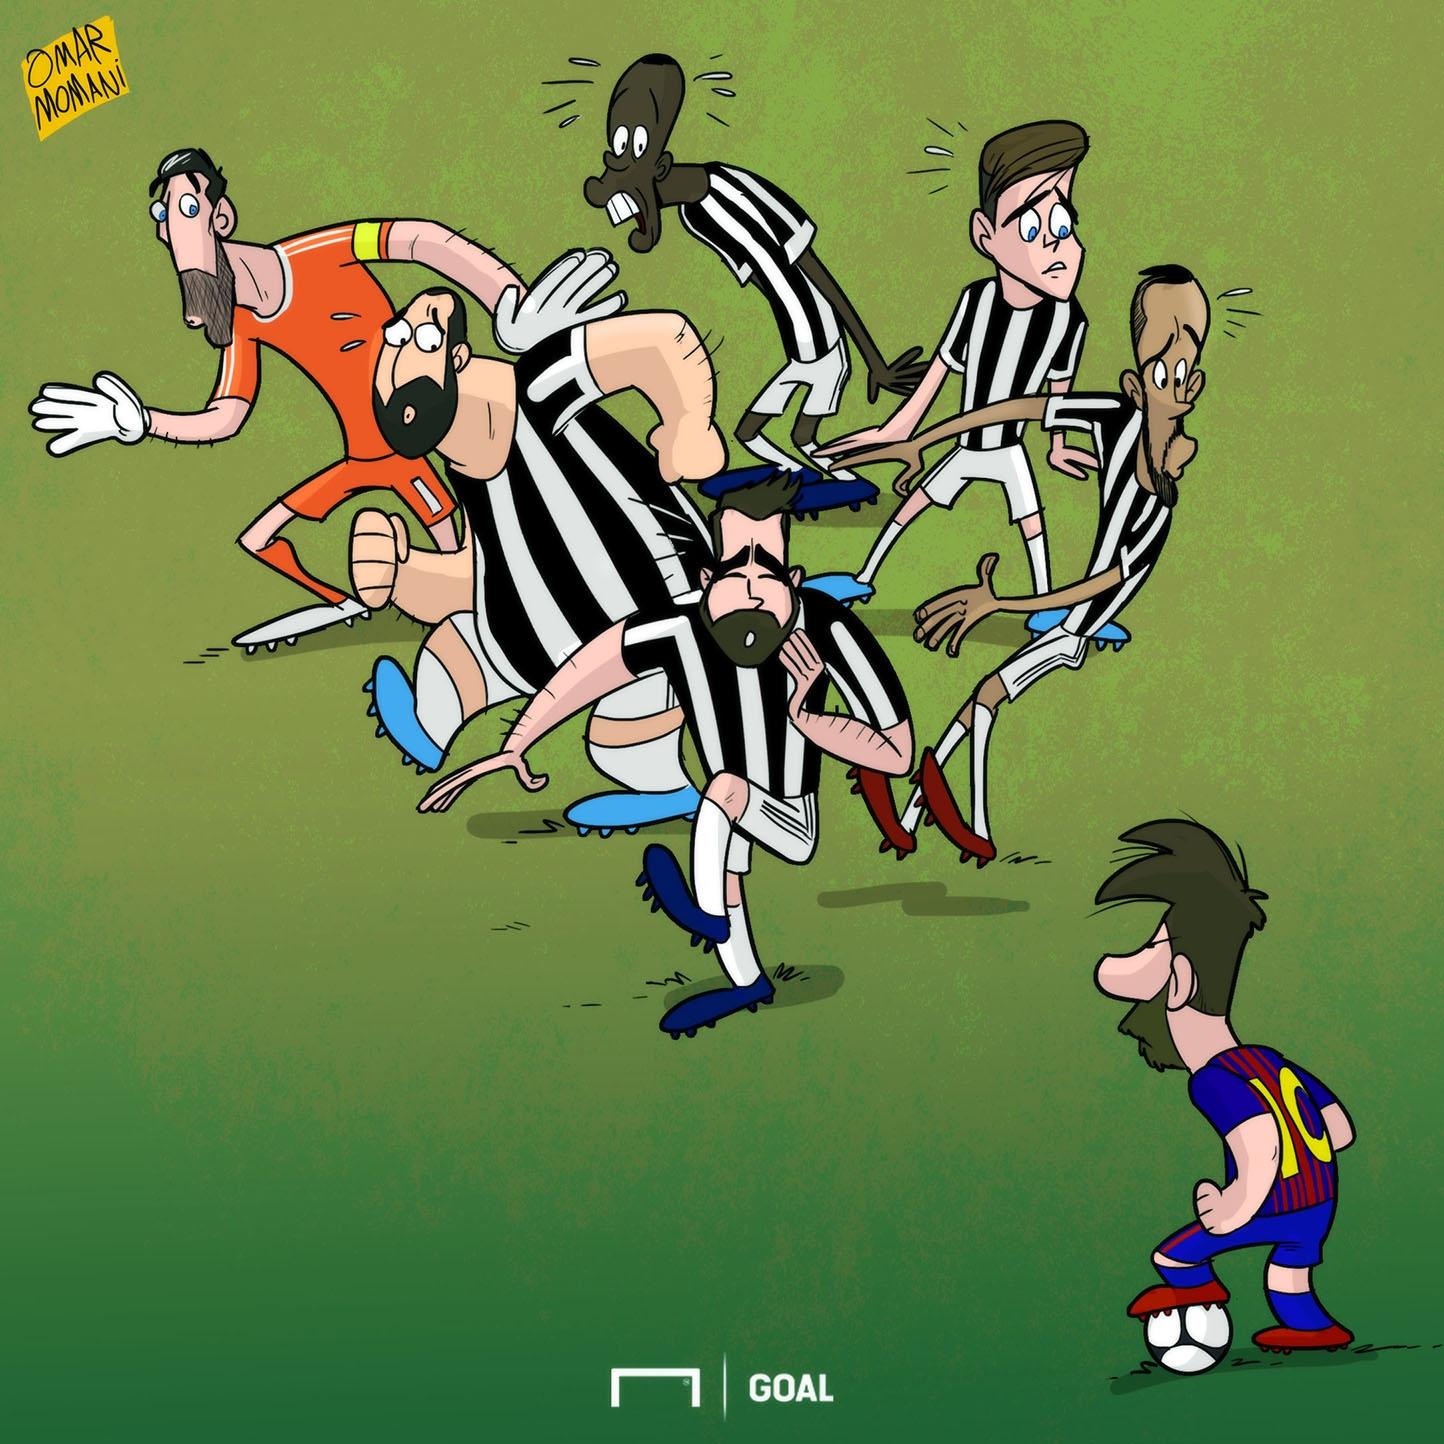 Kartun Goal Internasional 2017 - Lionel Messi Vs Juventus